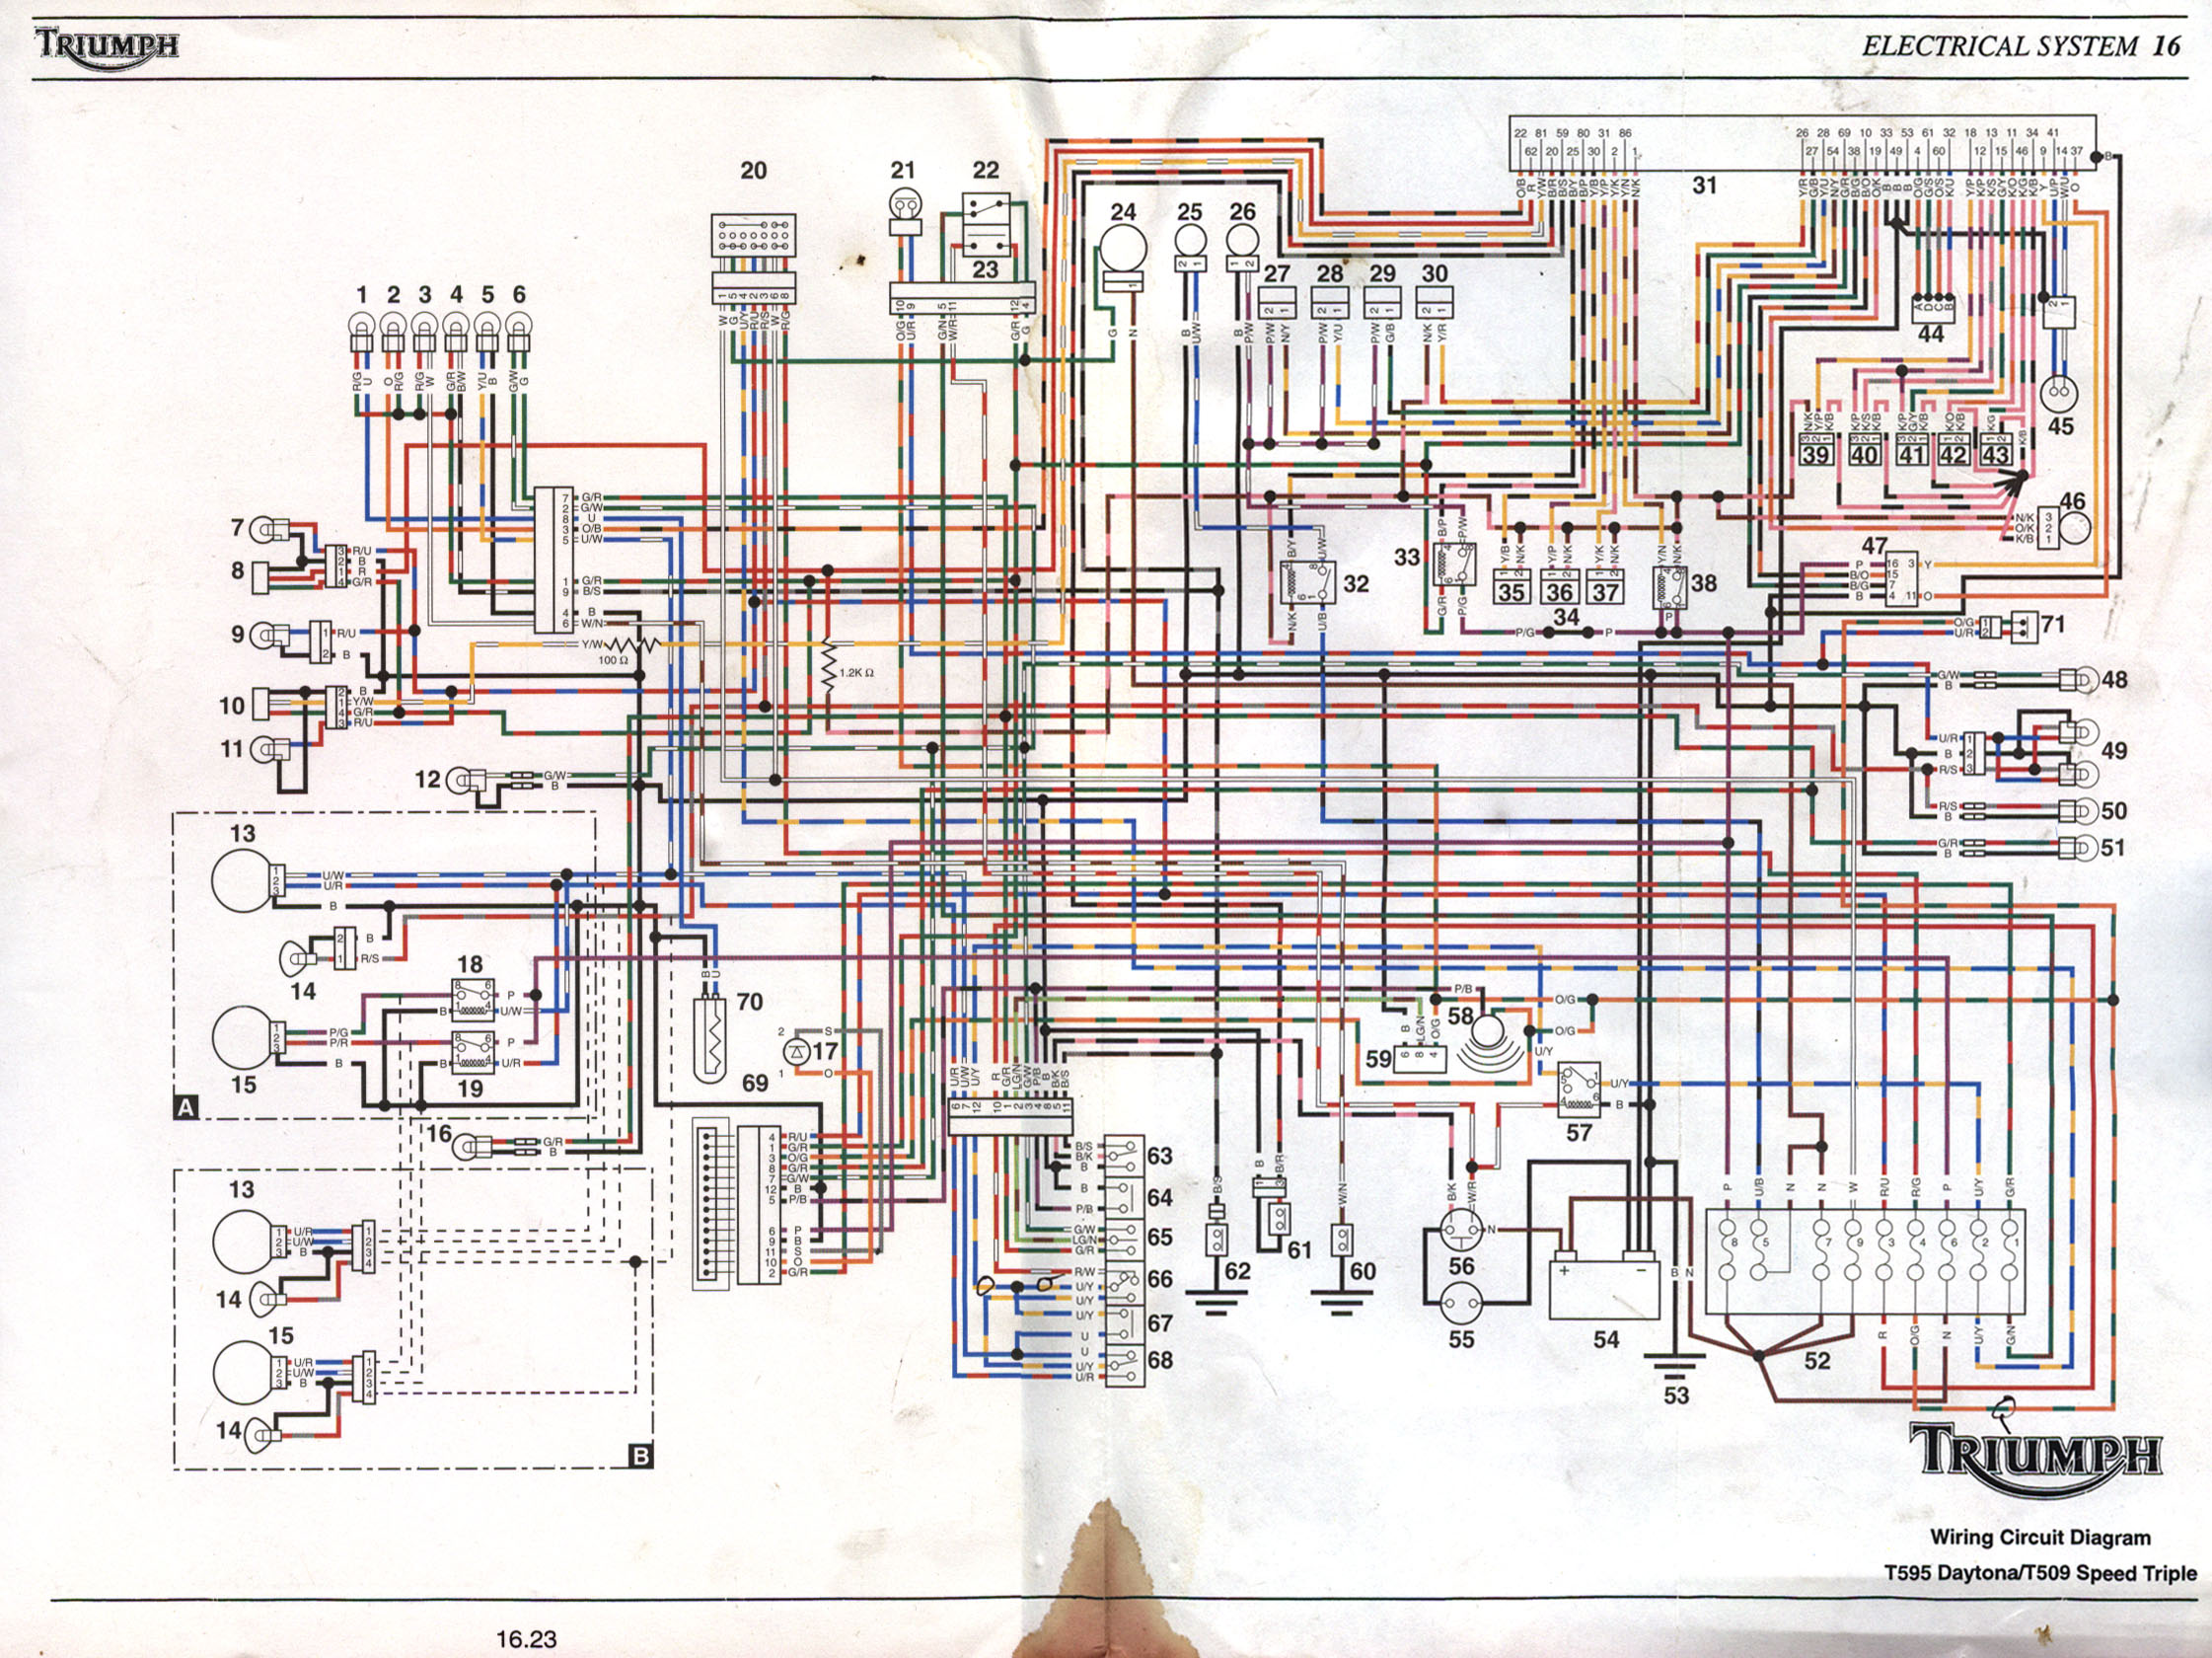 Fzr 600 Wiring Diagram : 22 Wiring Diagram Images - Wiring Diagrams  Gsxr Wiring Diagram on gsxr 600 exhaust, zx 600 wiring diagram, 07 gsxr 750 wiring diagram, 02 gsxr 750 wiring diagram, gsxr 600 headlight, ford 600 wiring diagram, gsxr 600 crankshaft, gsxr 600 parts, gsxr 600 suspension, gsxr 600 schematic, gsxr 600 ignition switch, polaris 600 wiring diagram, gsxr 600 oil pump, gsxr 600 radiator, gsxr 600 wiring fuse, gsxr 600 timing, gsxr 600 oil cooler, gsxr 600 engine, 1997 gsxr 750 wiring diagram, gsxr 600 maintenance schedule,